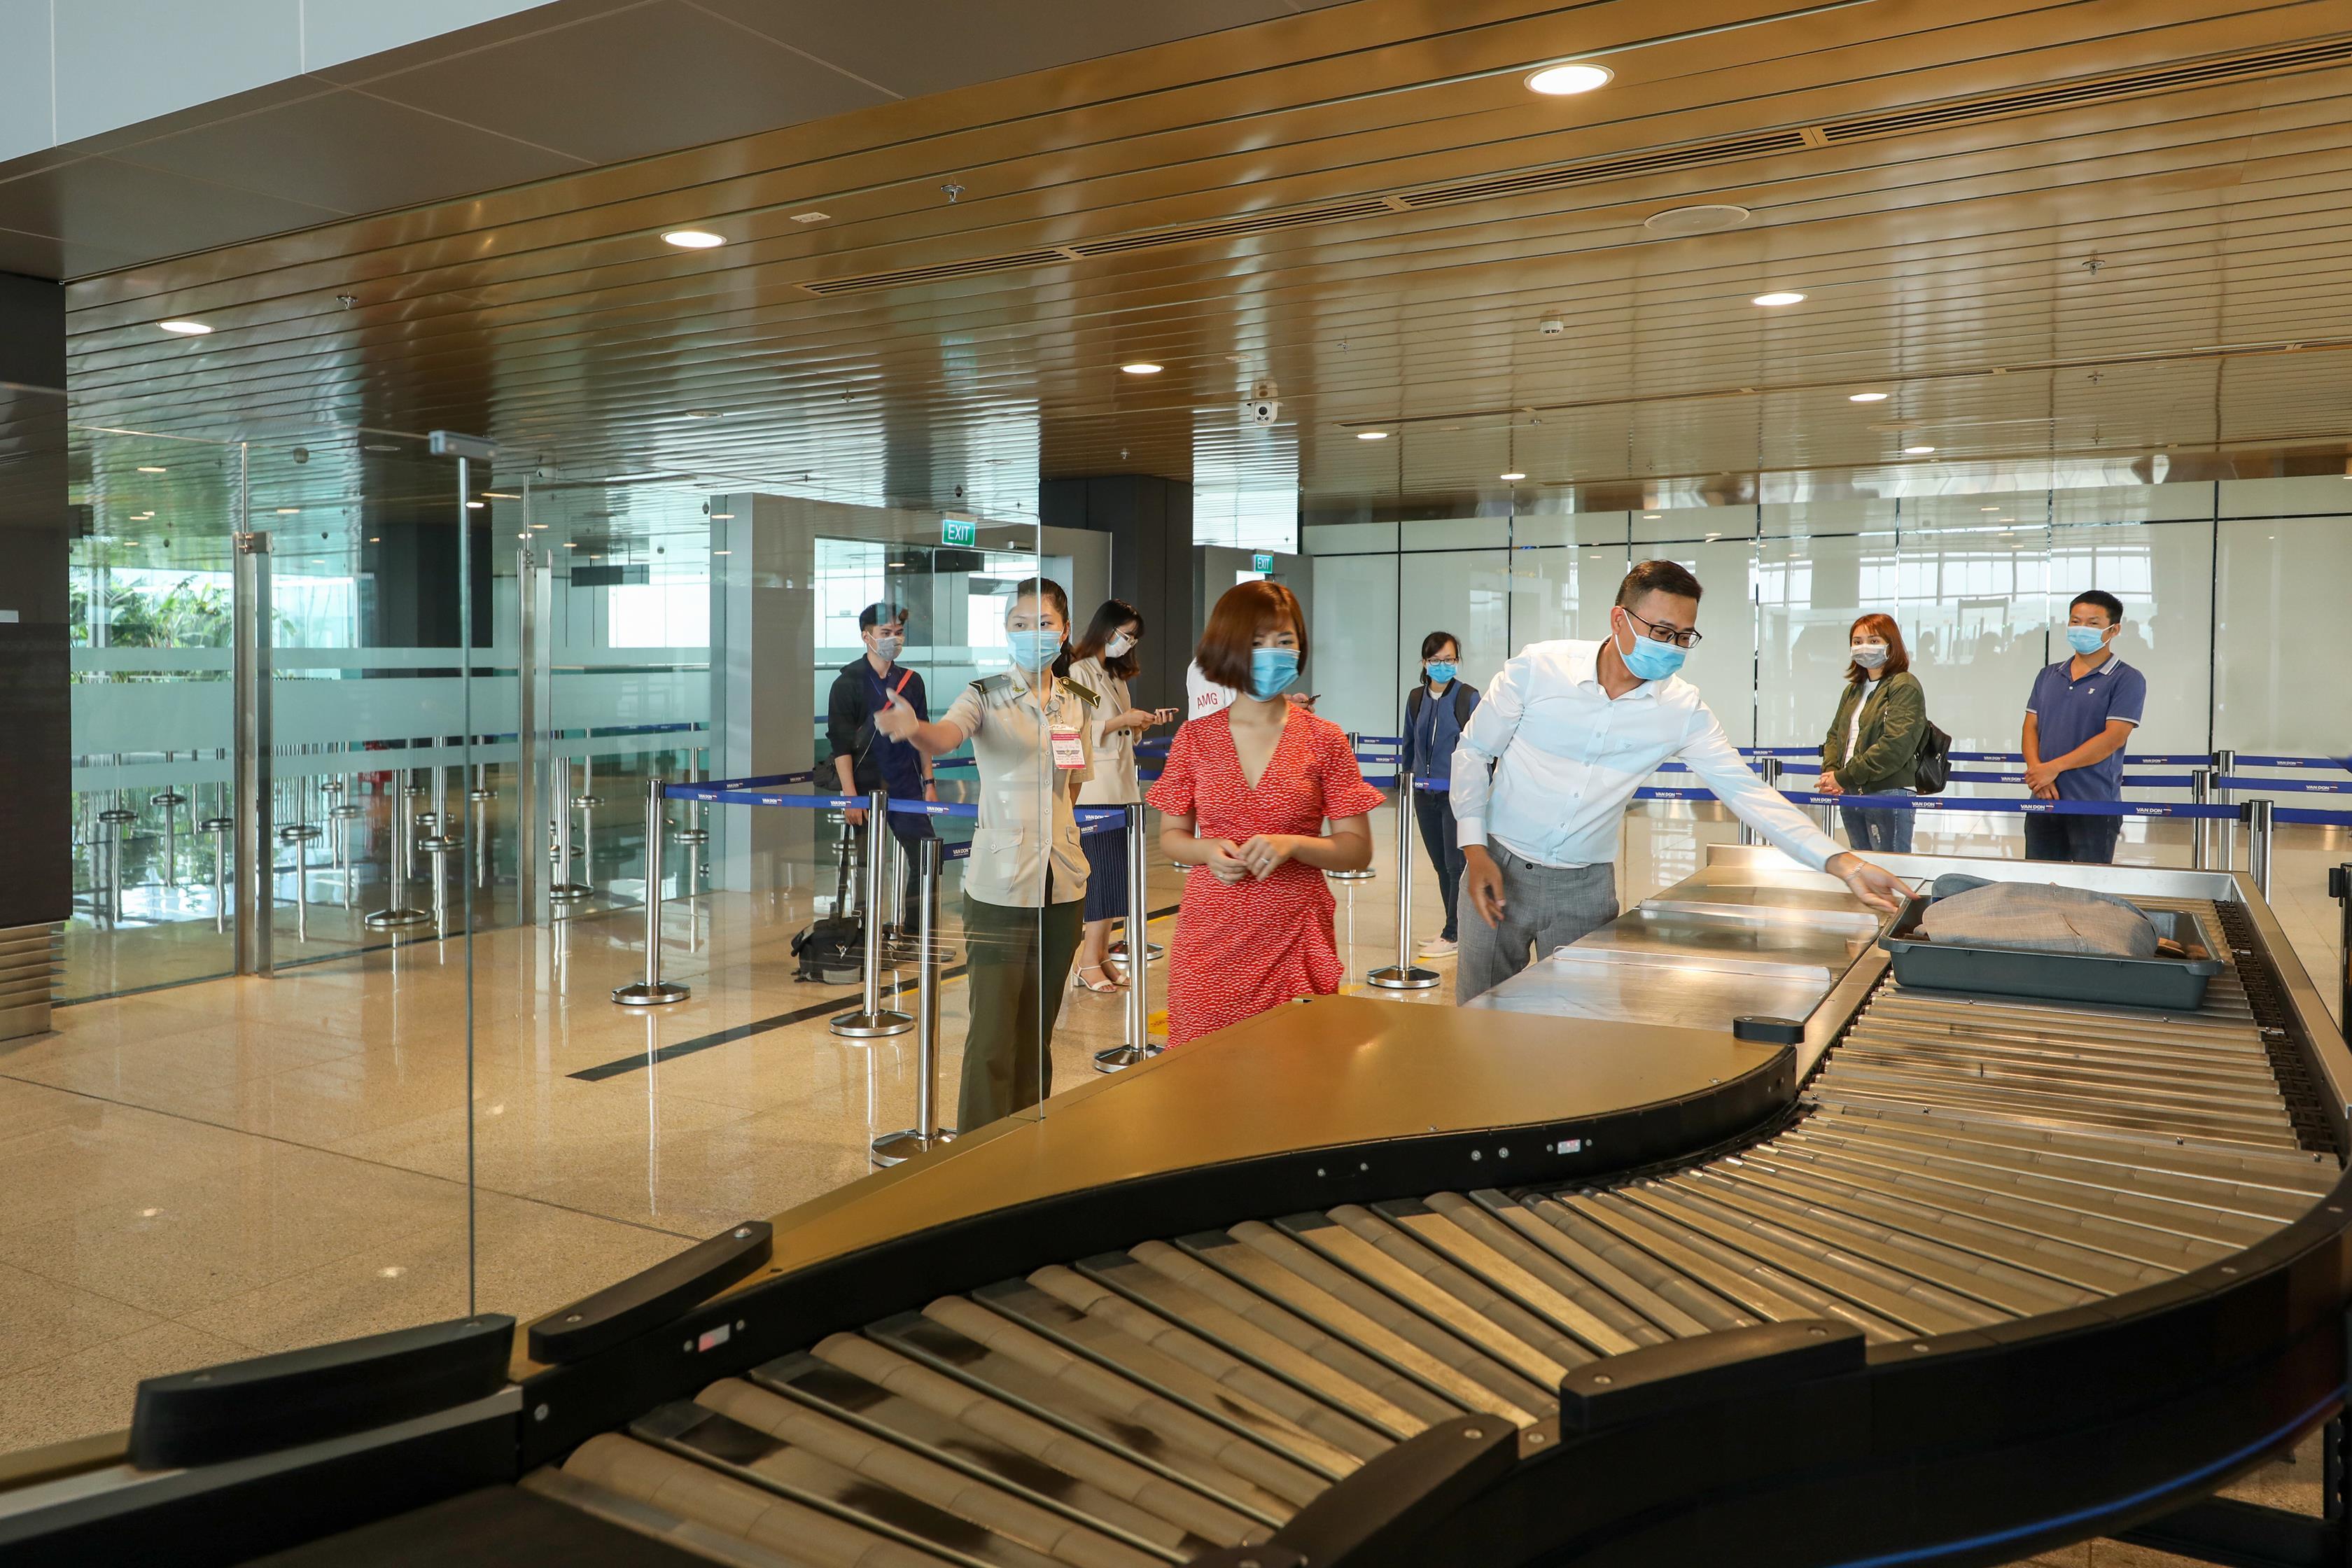 Hệ thống công nghệ tại sân bay hiện đại nhất Việt Nam có gì? 2